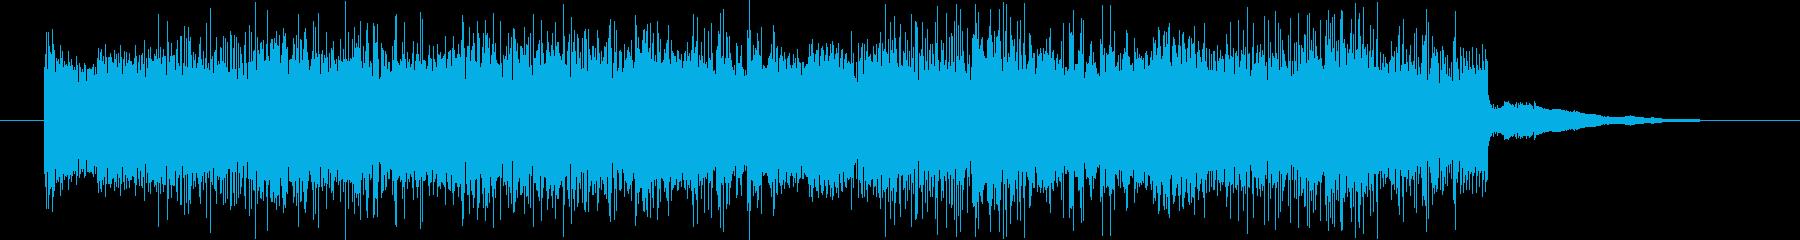 音量注意!緊急時の警報(ノイズ&アラームの再生済みの波形